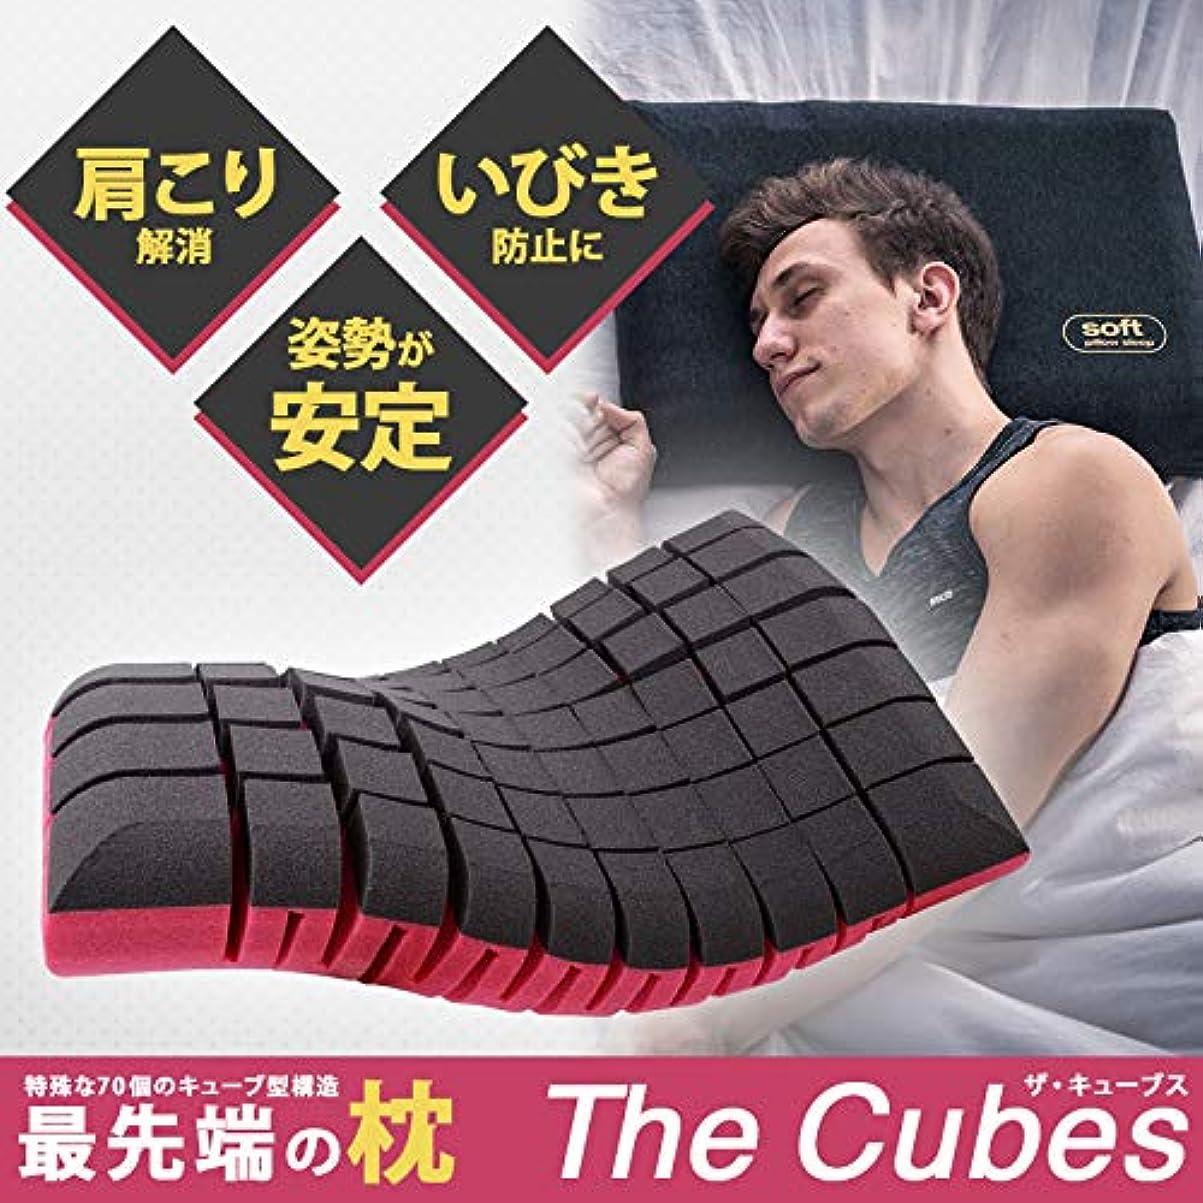 レジデンス折る有料仰向け?横向?どんな寝姿勢でも超快適!いびき防止にも。無重力枕The Cubes